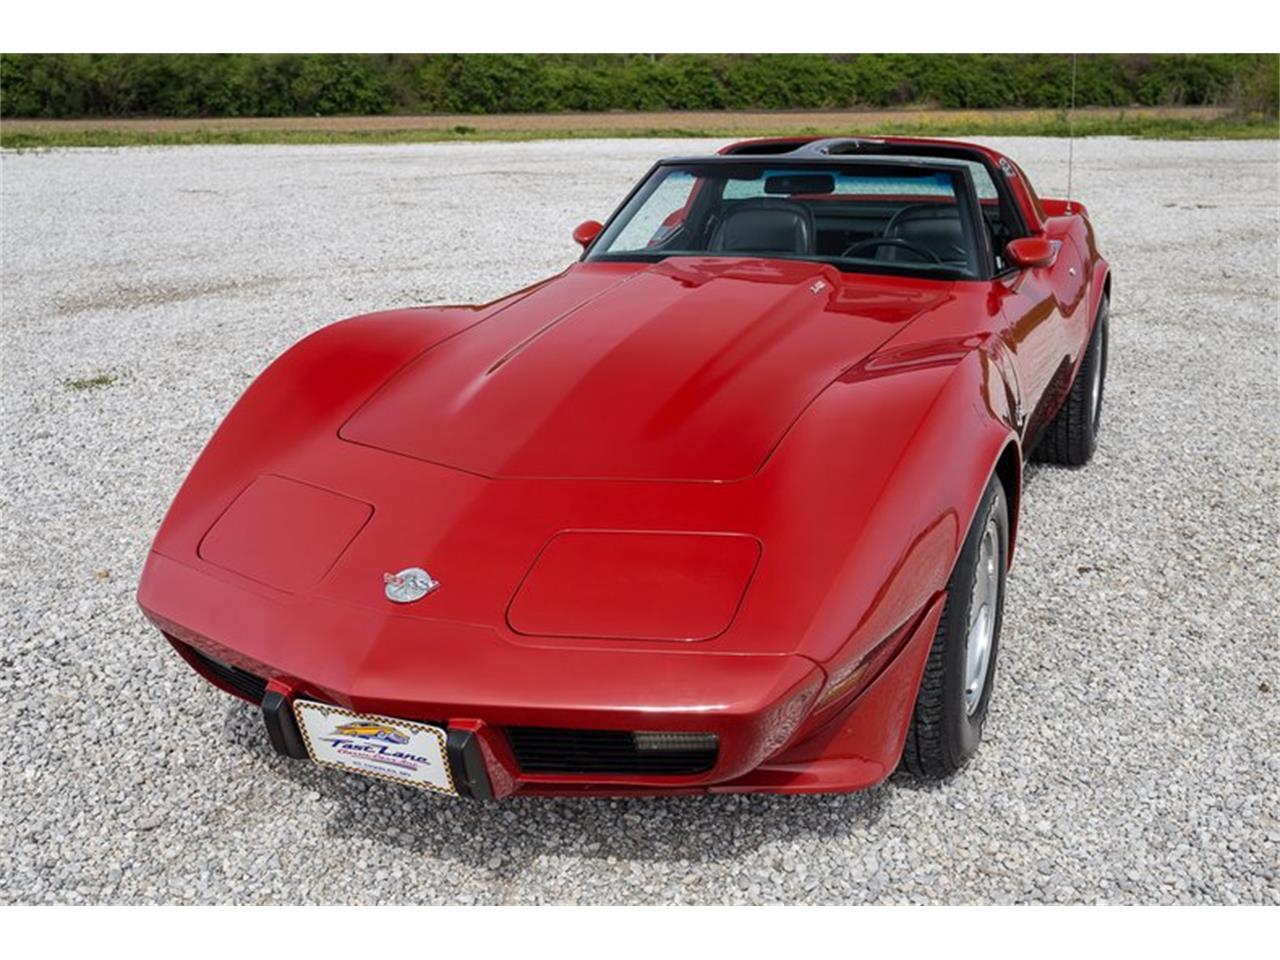 Large Picture of '78 Chevrolet Corvette - $19,995.00 - EBGP